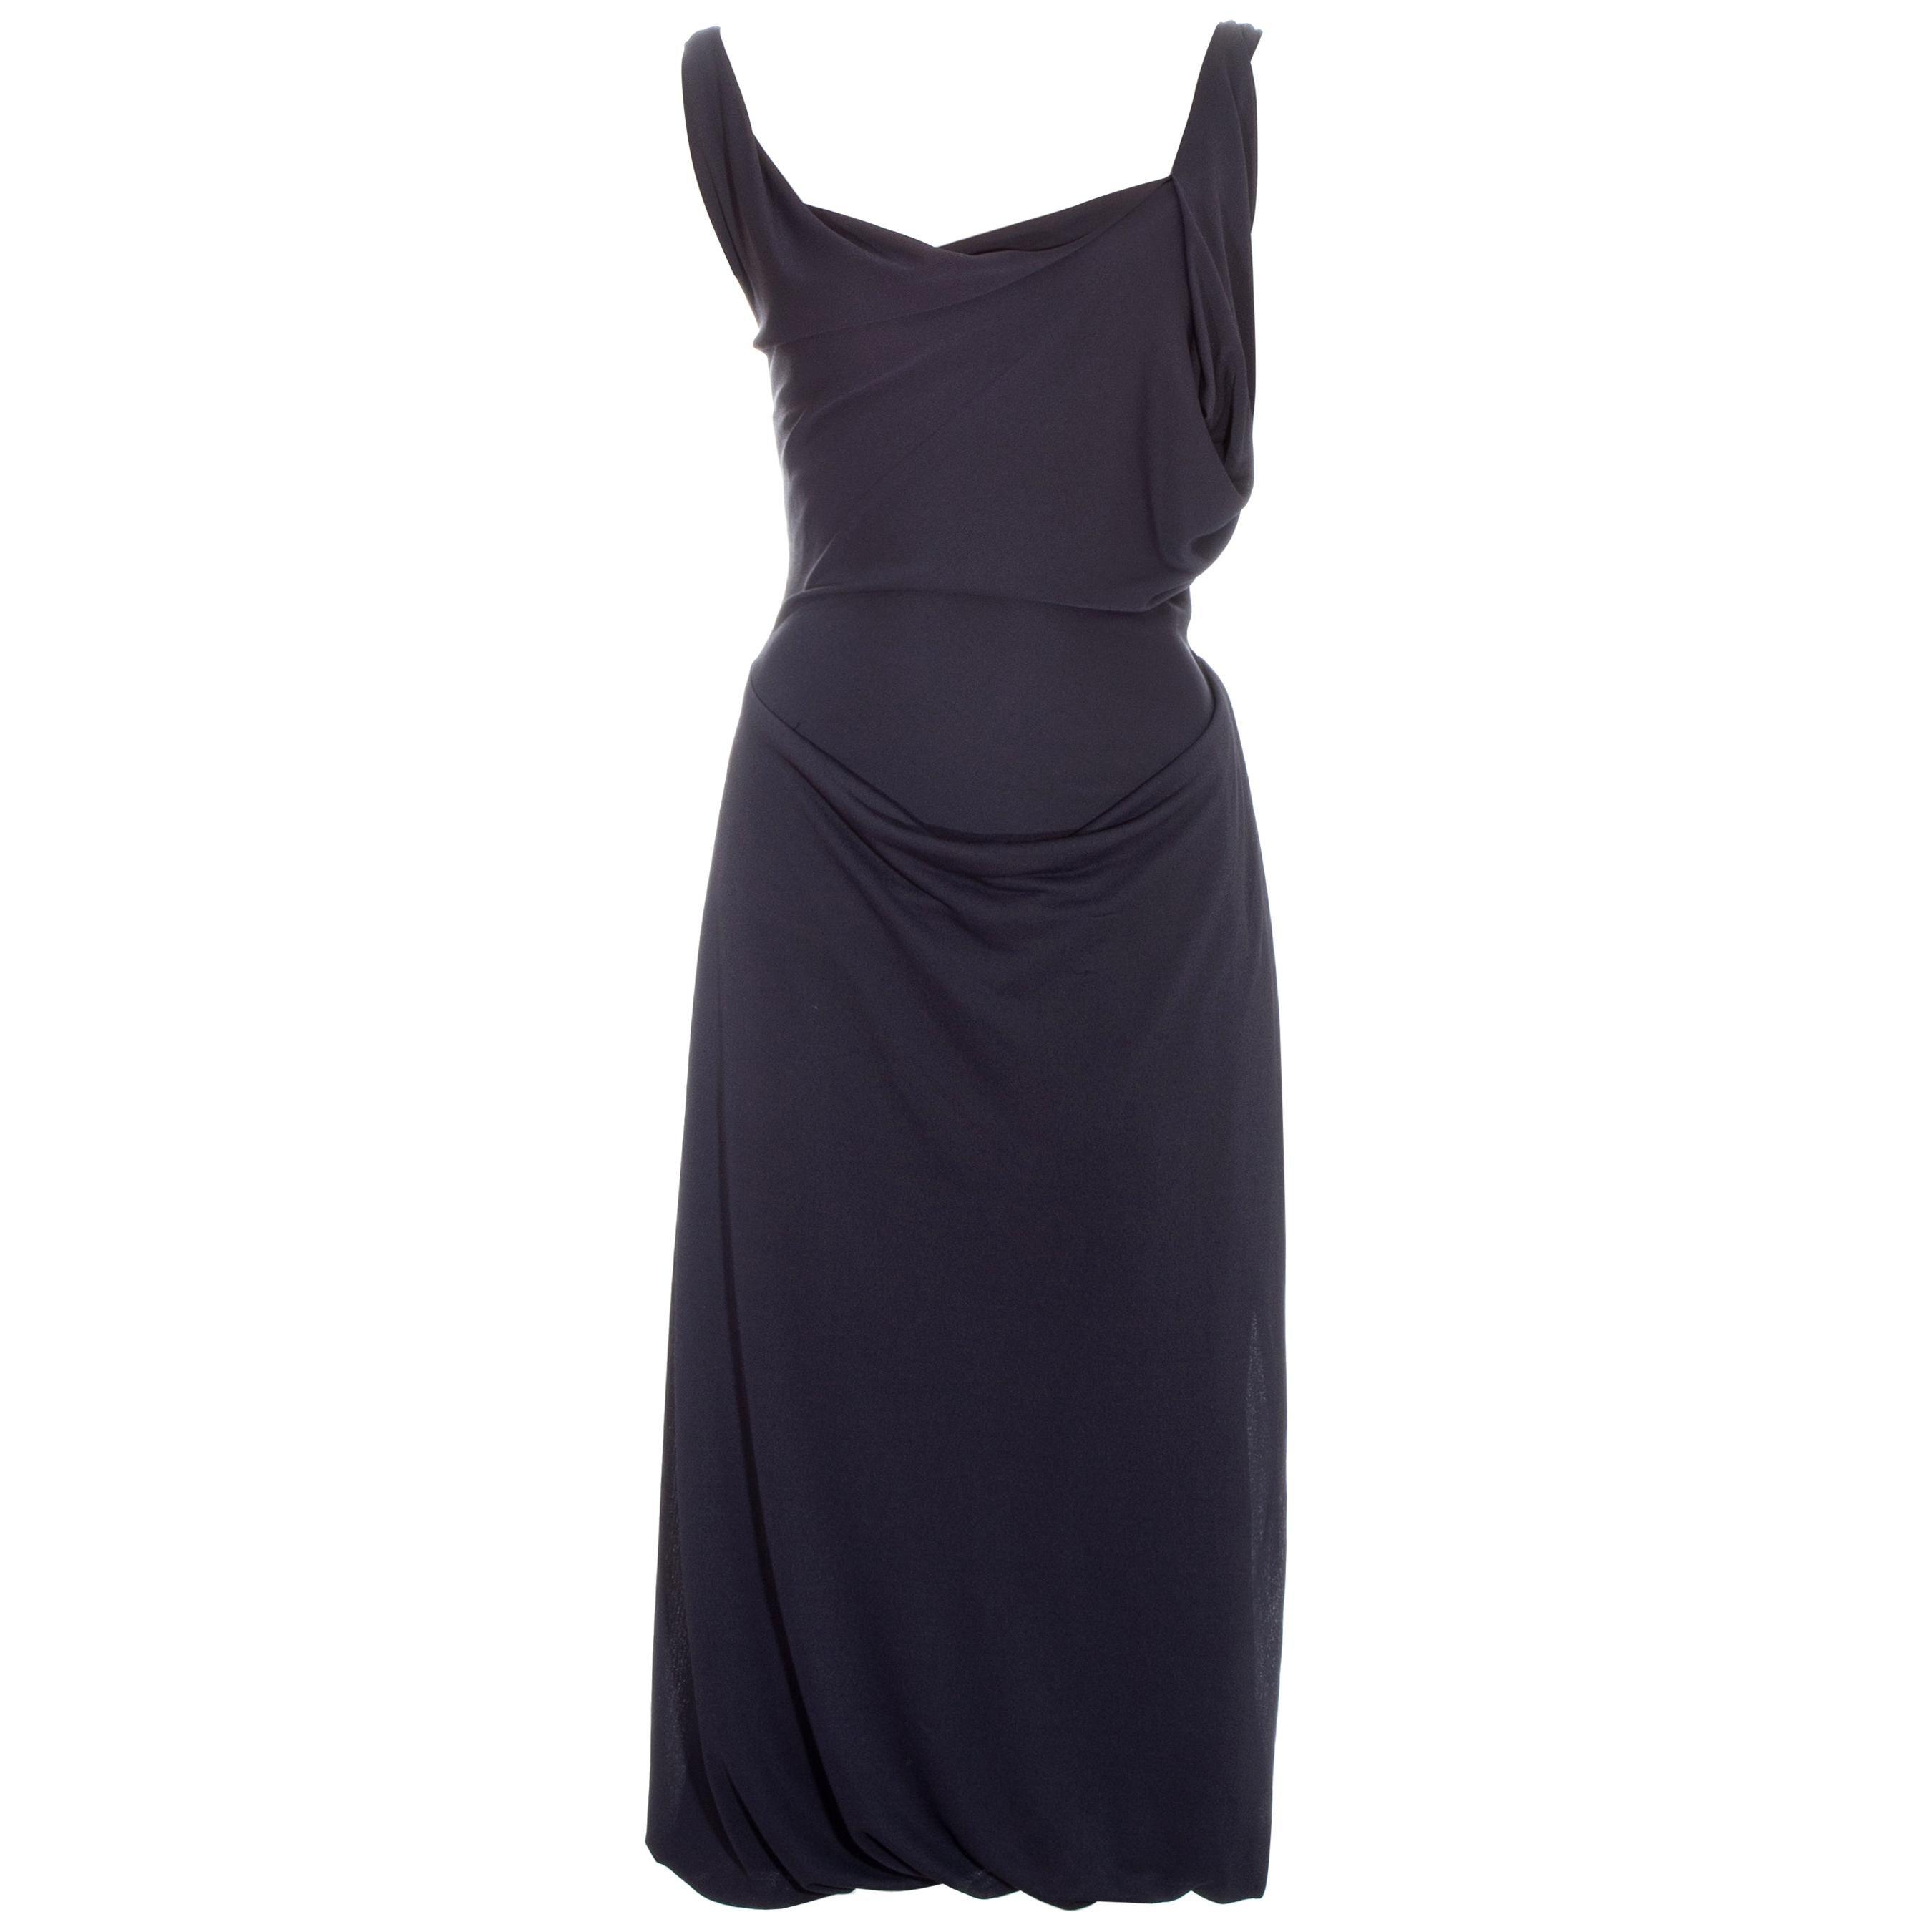 Vivienne Westwood deep mauve rayon draped mid-length dress, ss 1997